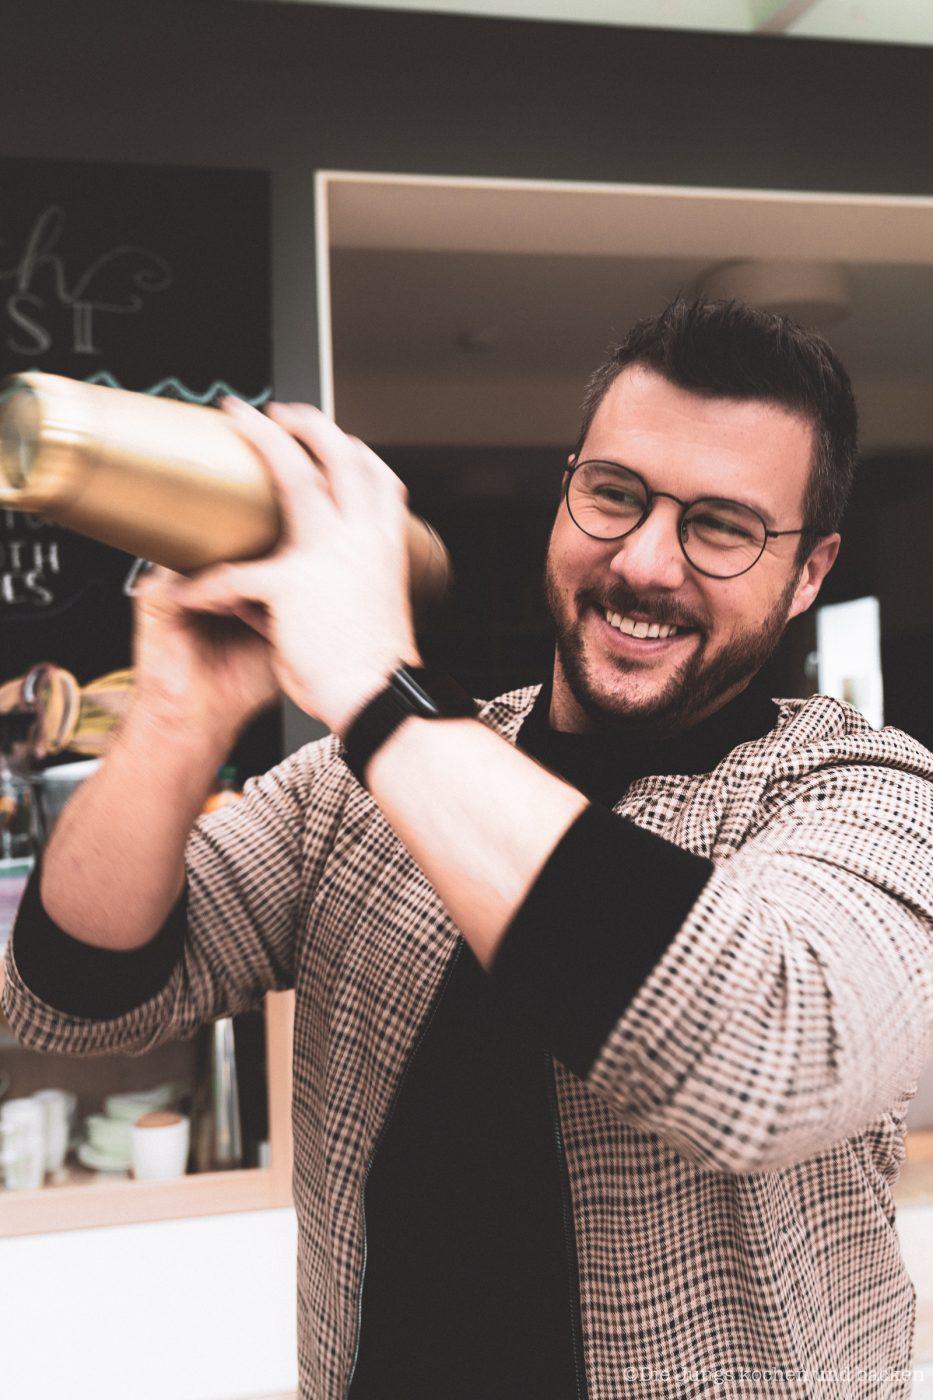 Coffee Eggnog 1 | An Ostern steht der Eierlikör immer hoch im Kurs ... ok, den Rest des Jahres auch. Aber gerade um die Ostertage basteln wir immer an extra vielen Rezepten um unser Lieblingsgetränk. Als wir uns mit Maja, Mika, Theres und Benni zum Osterbrunch verabredet haben, war schon mal schnell klar, dass ich einen Begrüßungsdrink zaubern möchte! So ein Osterbrunch kann ja auch gerne mal mit einem Cocktail starten - ist ja ein Feiertag! Unser Coffee Eggnog war der perfekte Begrüßungsdrink zum Food.Blog.Friends Osterbrunch - außerdem zählt er zu den nicht mehr so bekannten Eggnog Cocktails.